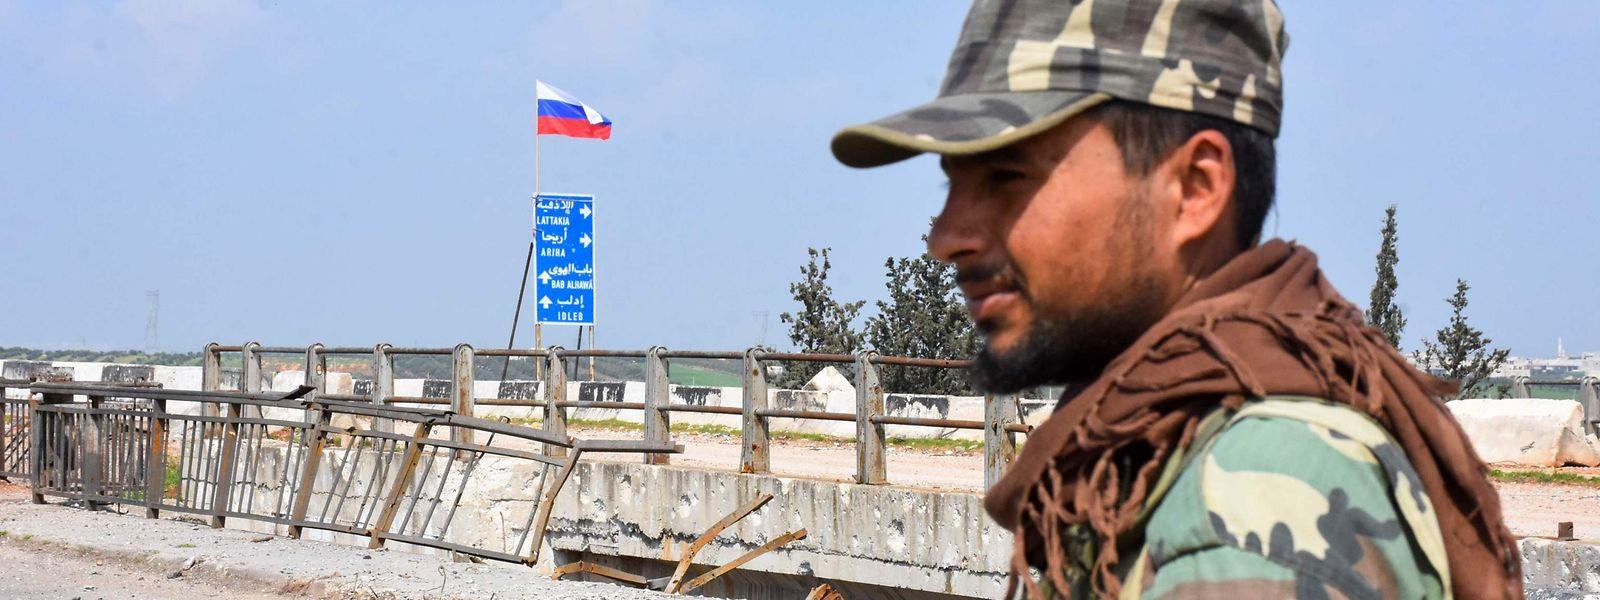 Ein syrischer Soldat patroulliert auf dem Highway M4, der die nördlichen syrischen Provinzen um Aleppo und Latakia verbindet.